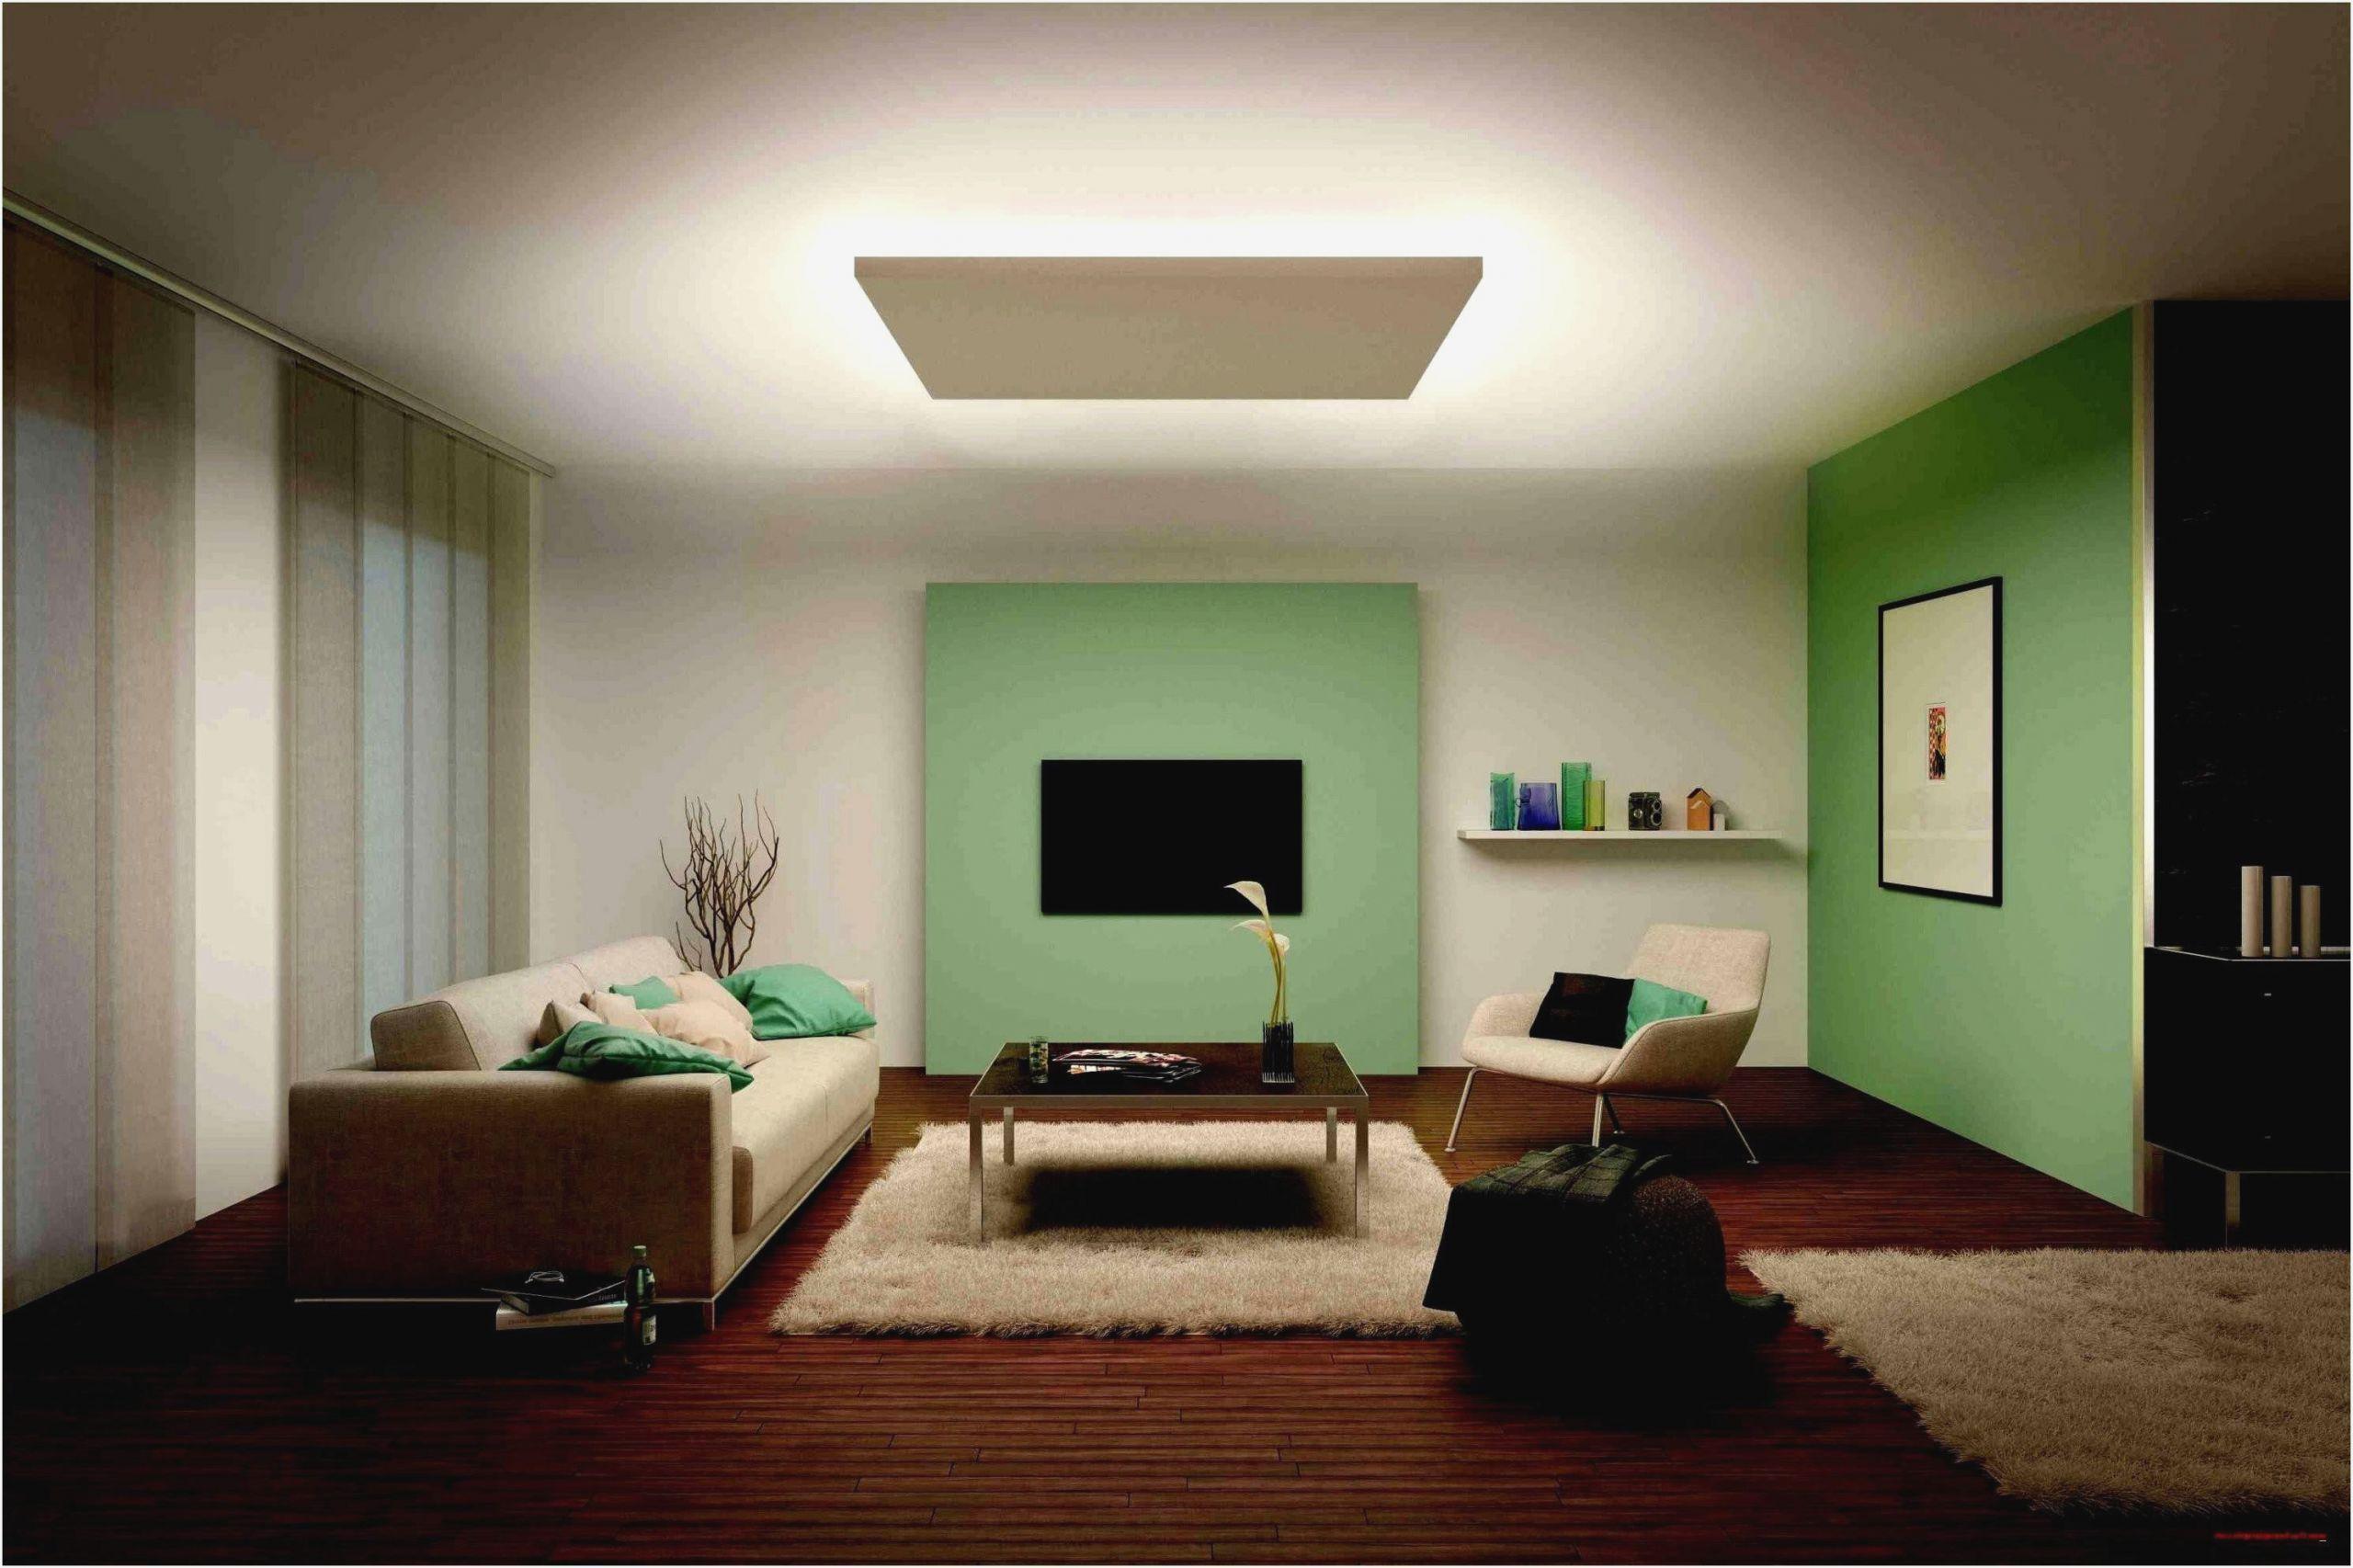 Full Size of Wohnzimmer Lampen Mit Fernbedienung Wohnzimmer Lampen Selber Bauen Wohnzimmer Lampen Indirekte Beleuchtung Wohnzimmer Lampen Stehend Wohnzimmer Wohnzimmer Lampen